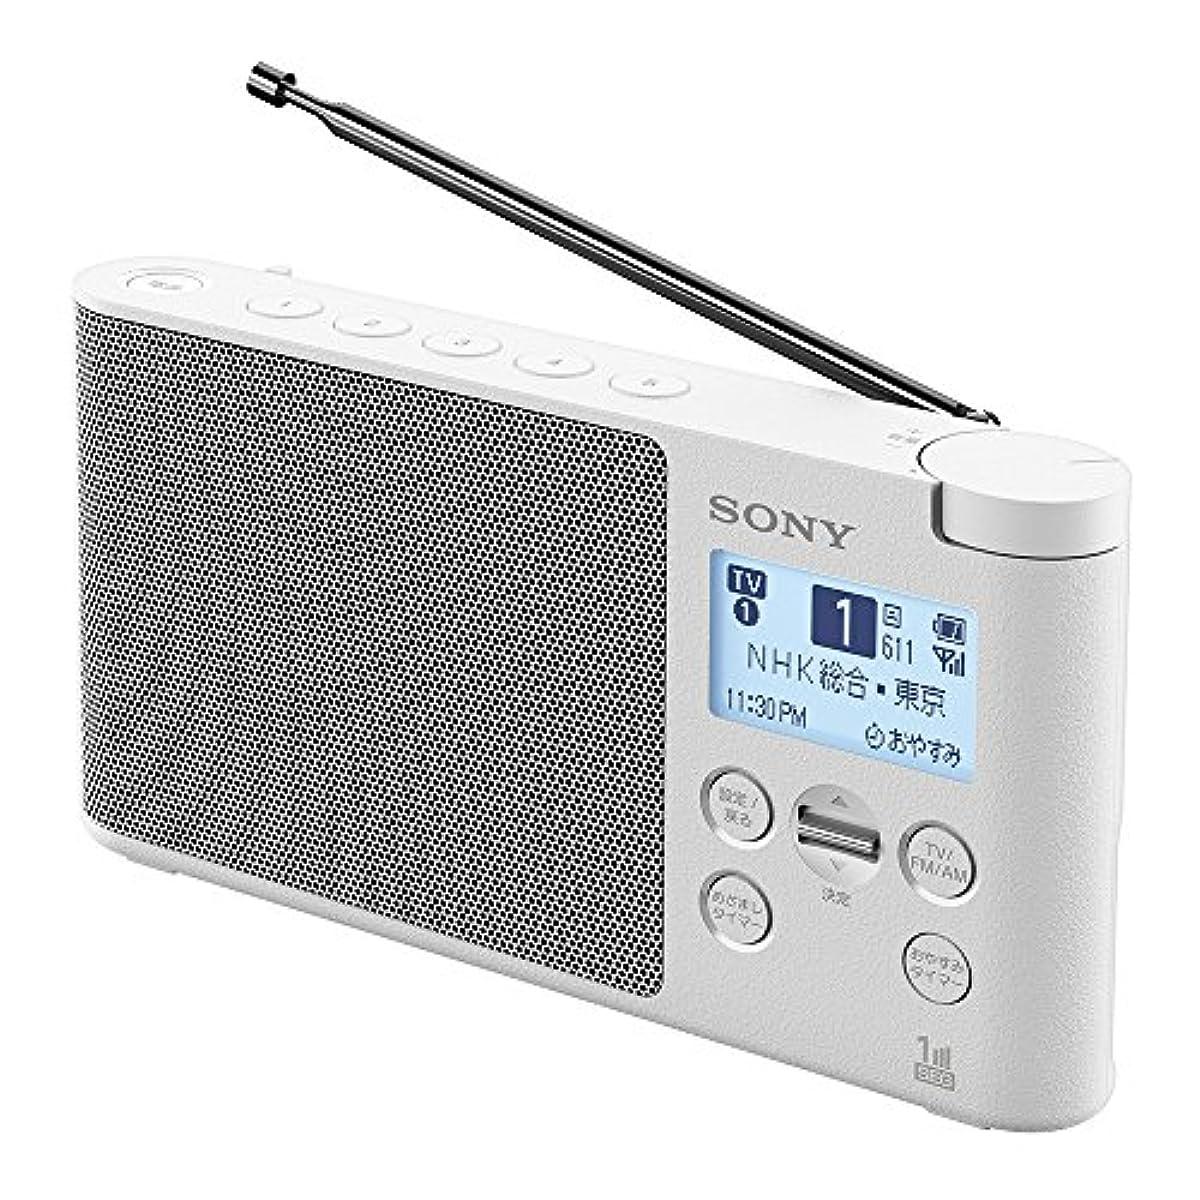 [해외] 소니 라디오 2종 XDR-56TV